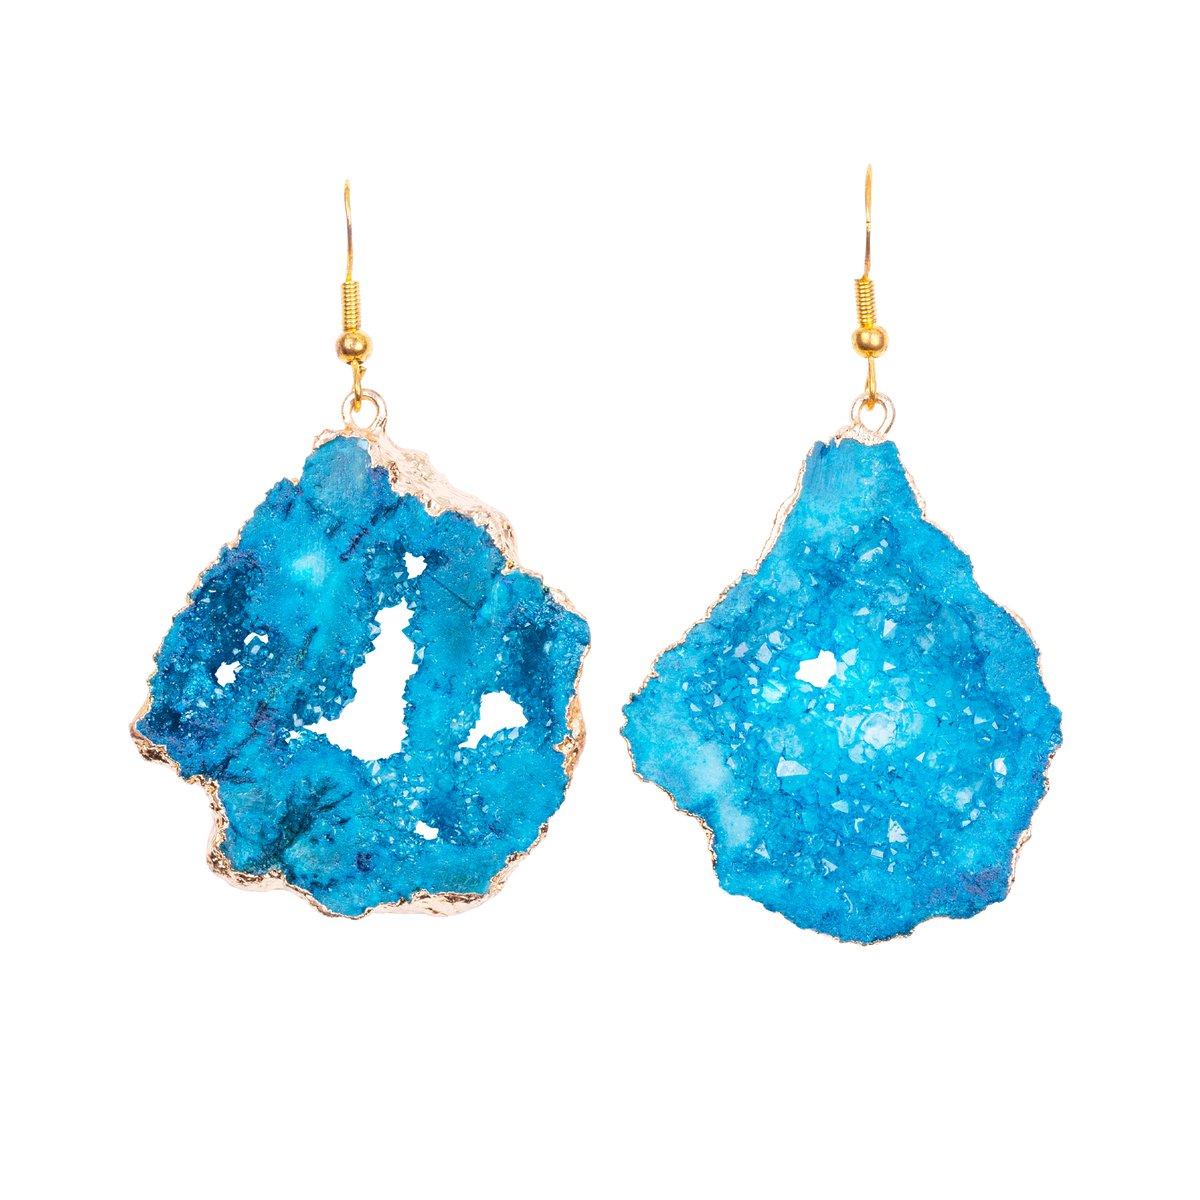 Blue Icmeler Earrings